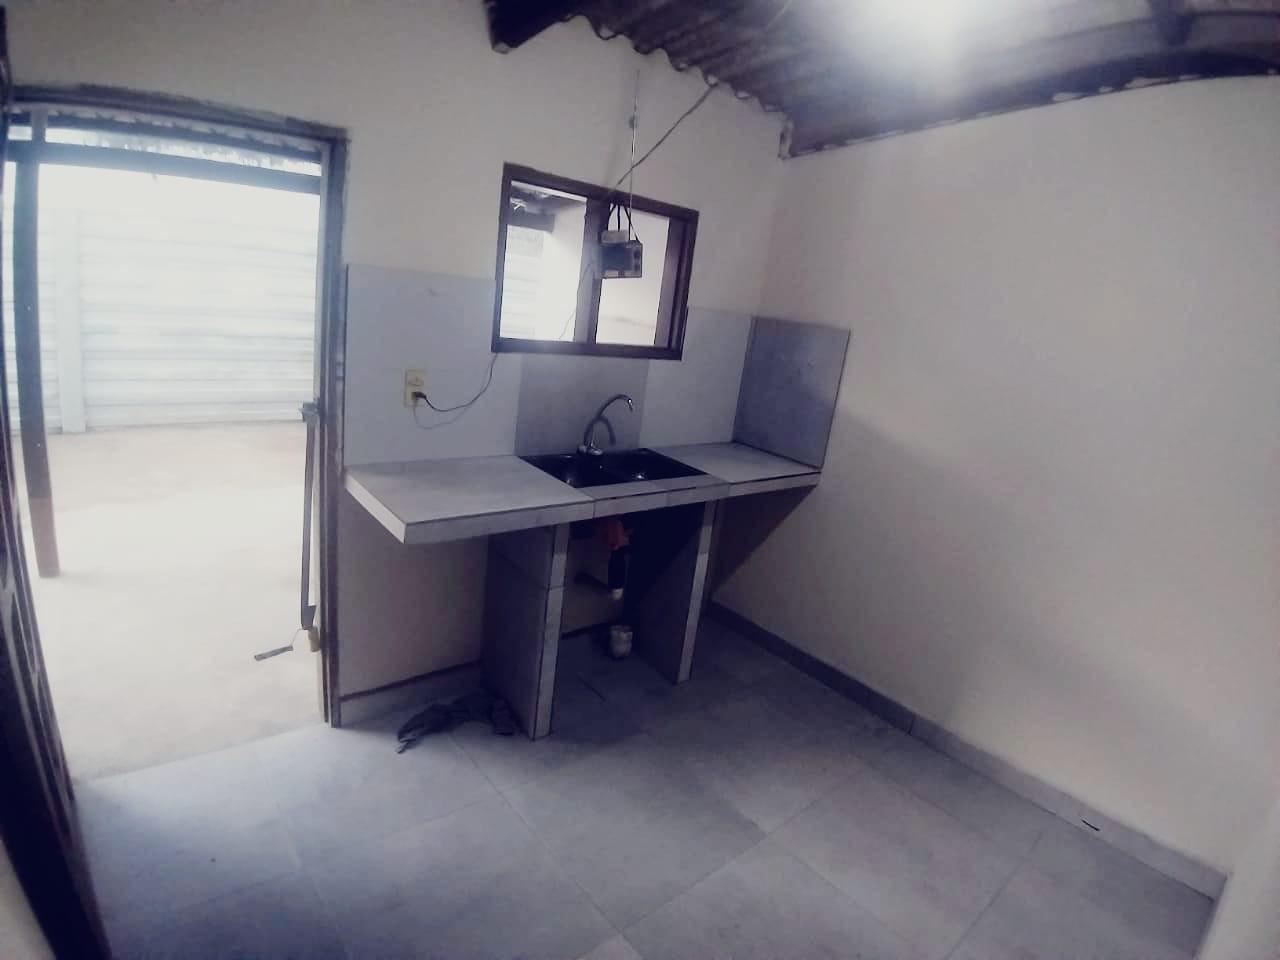 Casa en Venta 6to anillo entre radial 10 y cheguevara Foto 4